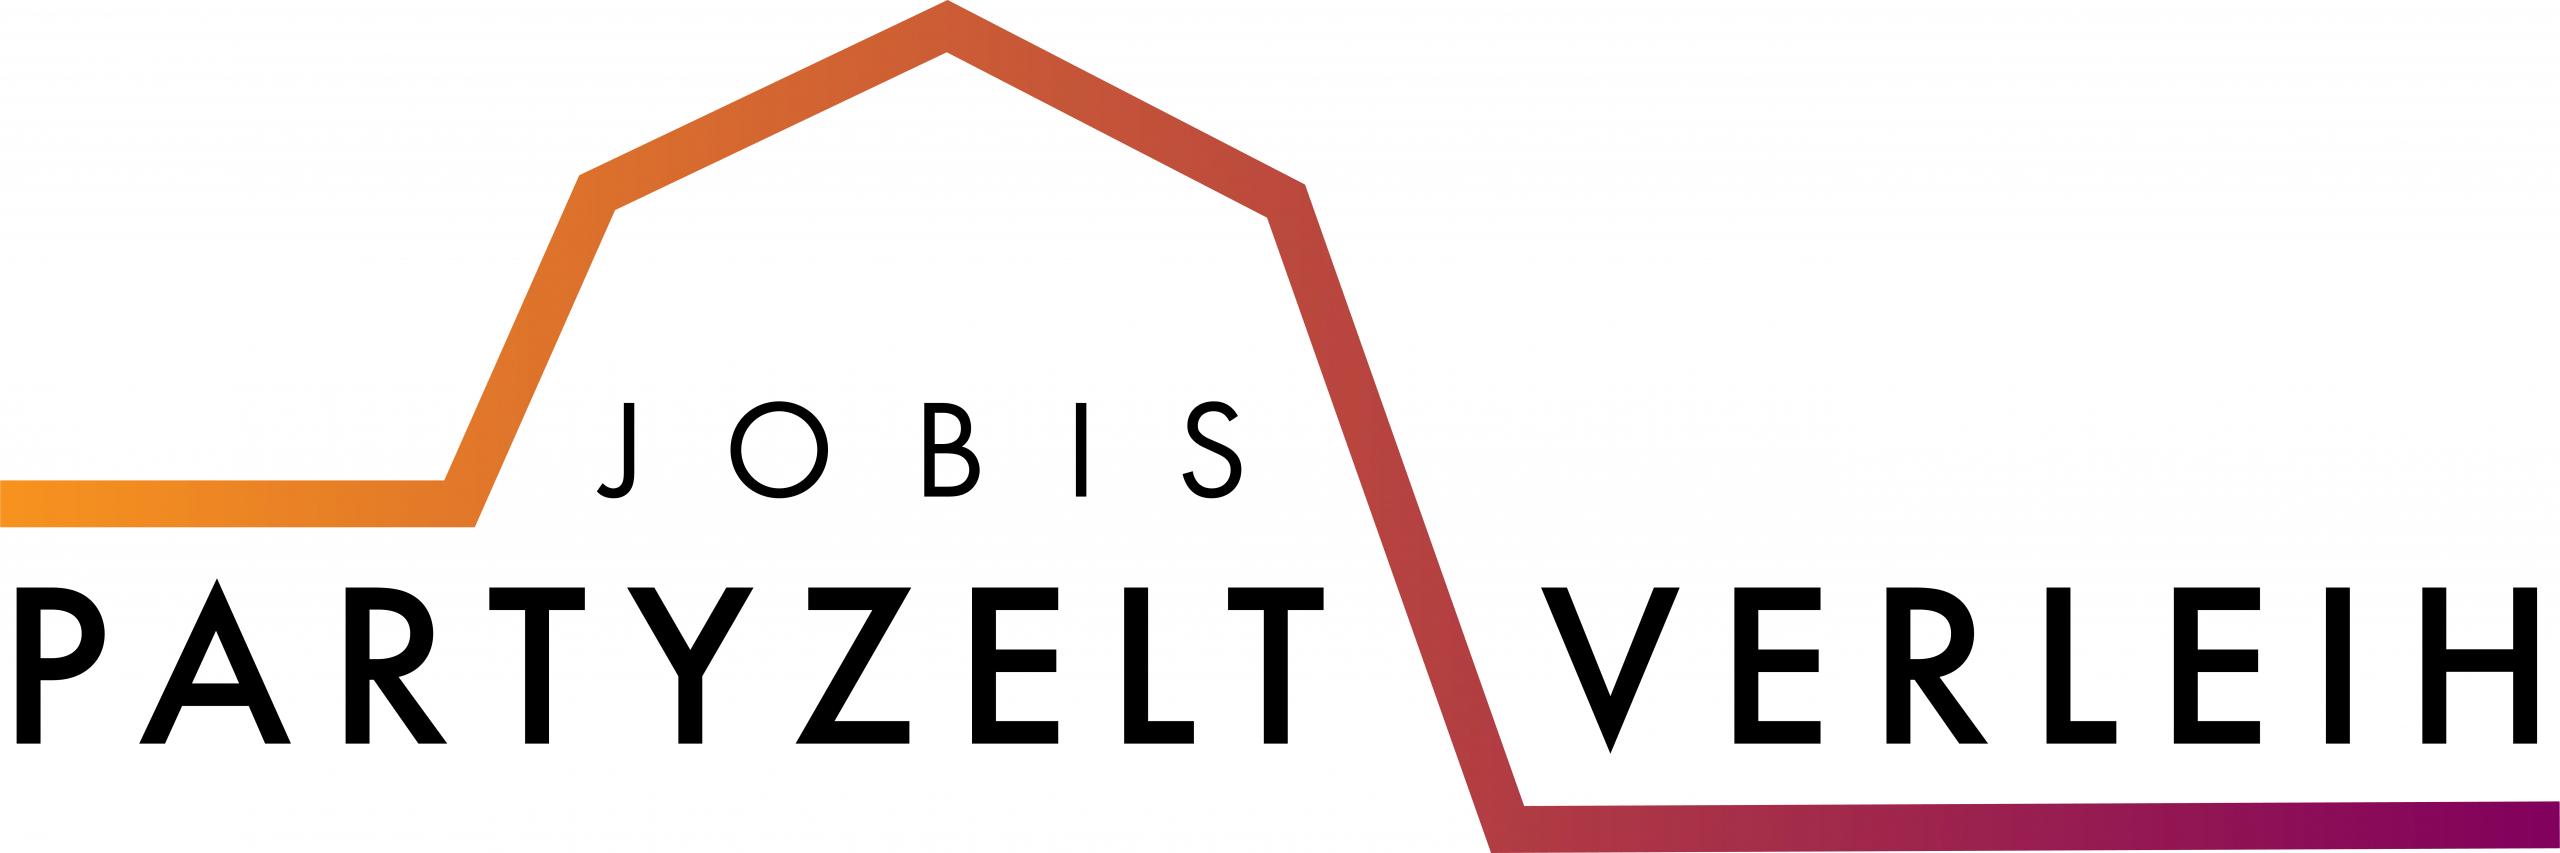 Logodesign für Jobis Partyzeltverleih aus Alfeld